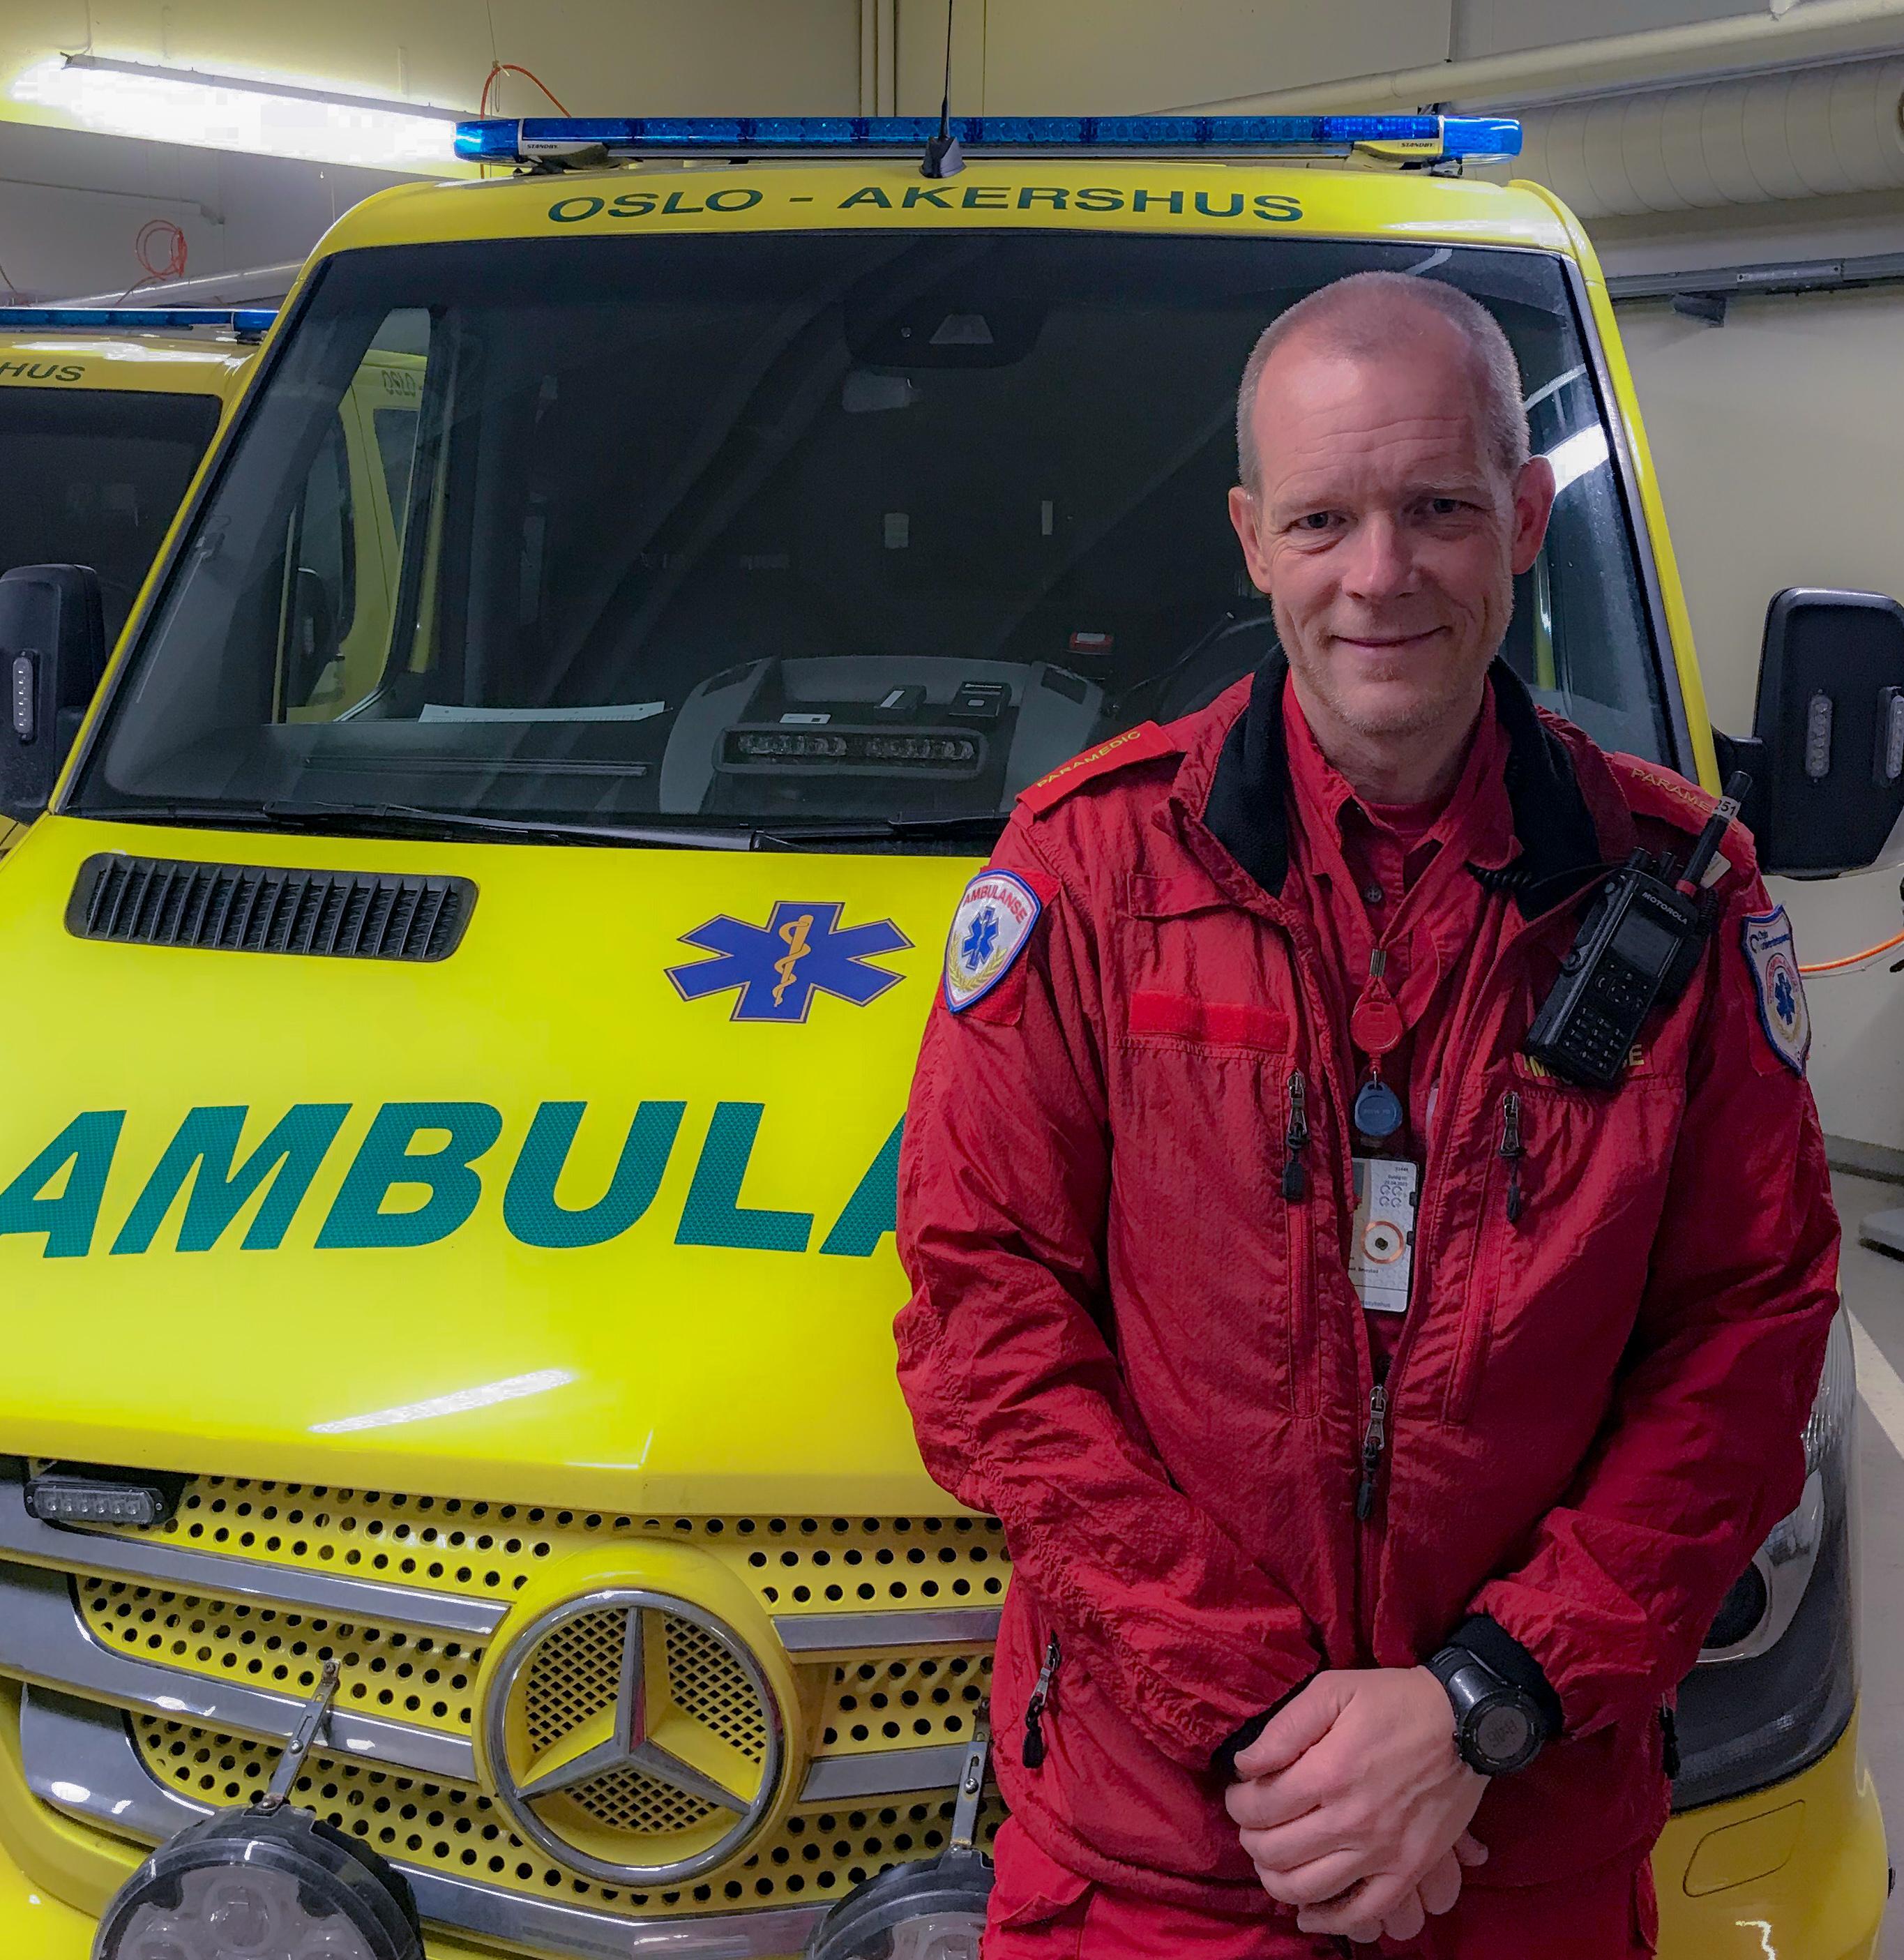 – Vi hater å ikke kunne tilby pasienten den beste behandlingen, sier Erik Westnes, paramedic ved Oslo universitetssykehus. Foto: Du puster for fort